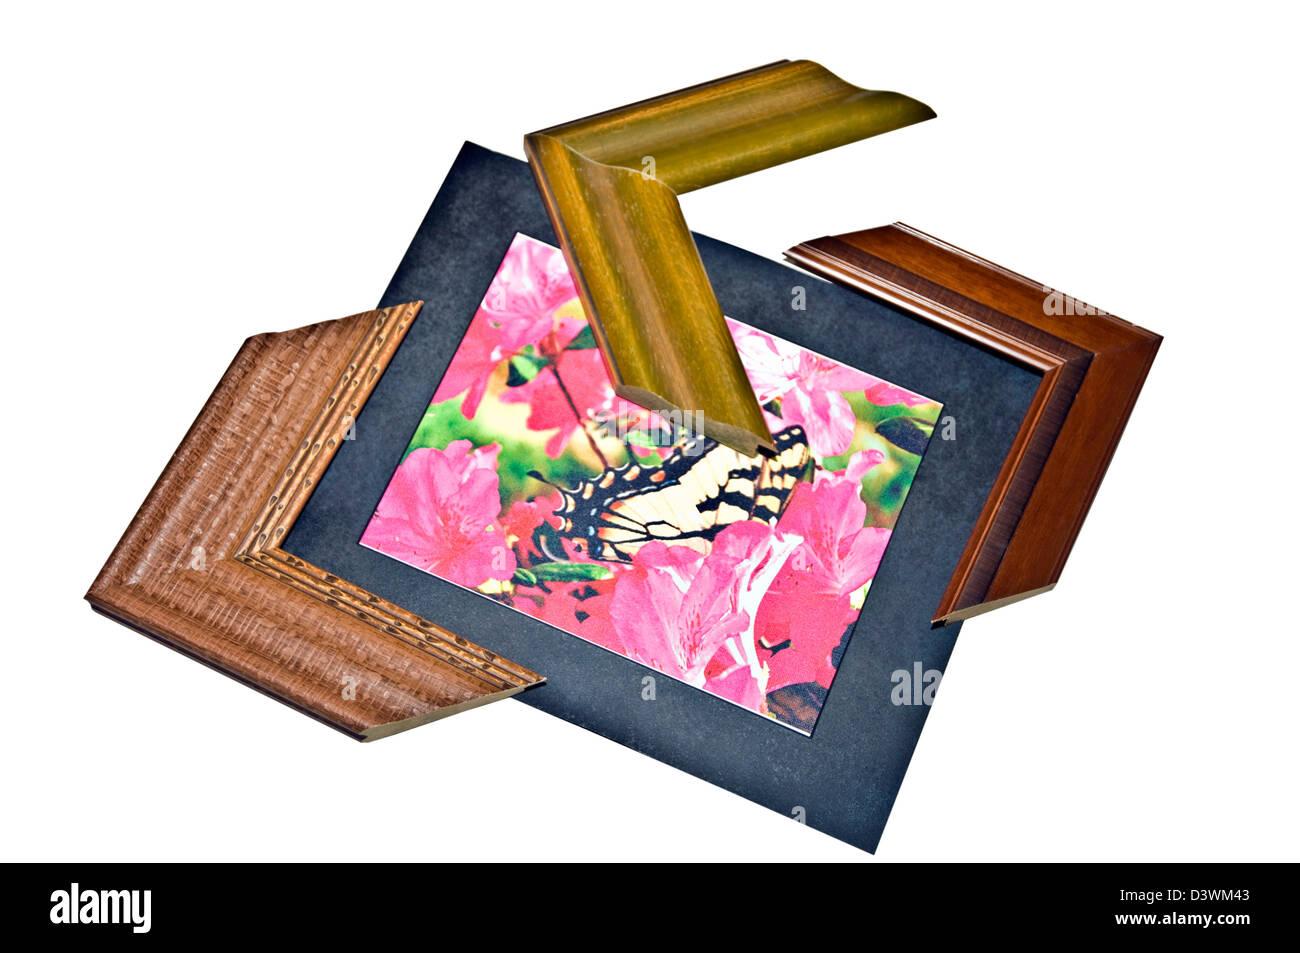 Ein Leinwanddruck, Matte und drei hölzerne Rahmen Ecken Stockfoto ...